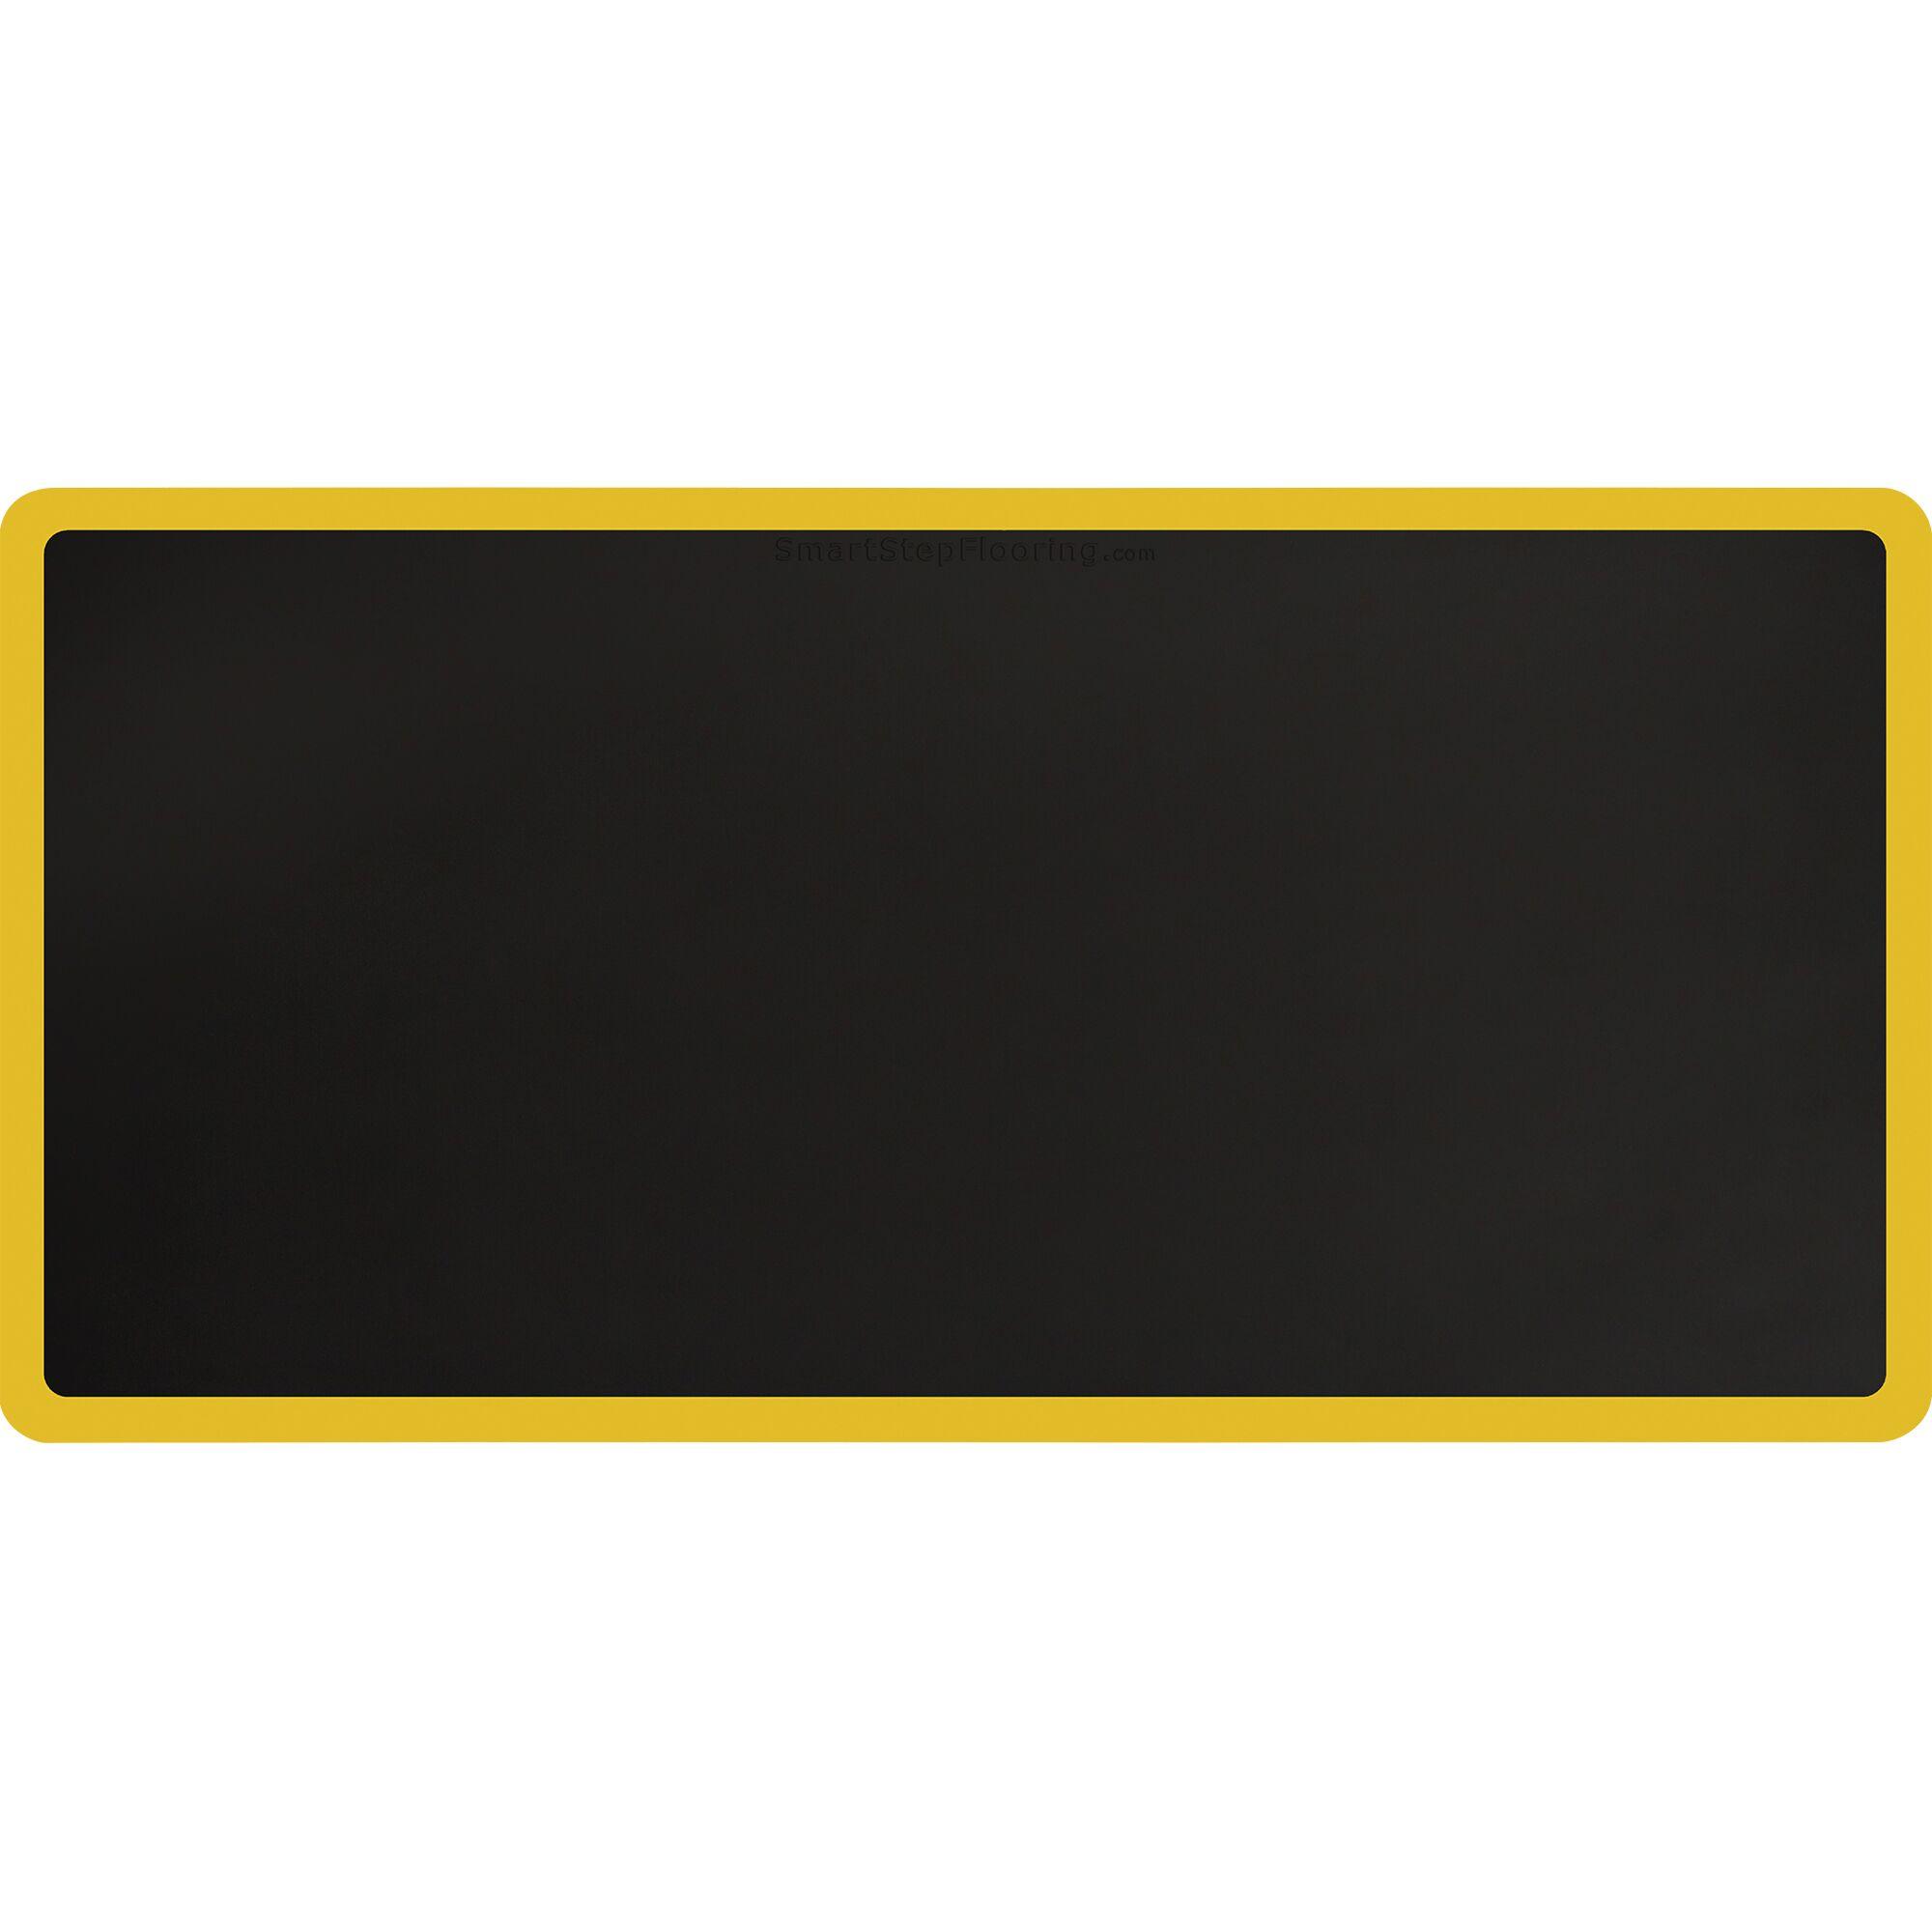 Contour Kitchen Mat Mat Size: Rectangle 6' x 3', Color: Black/Yellow